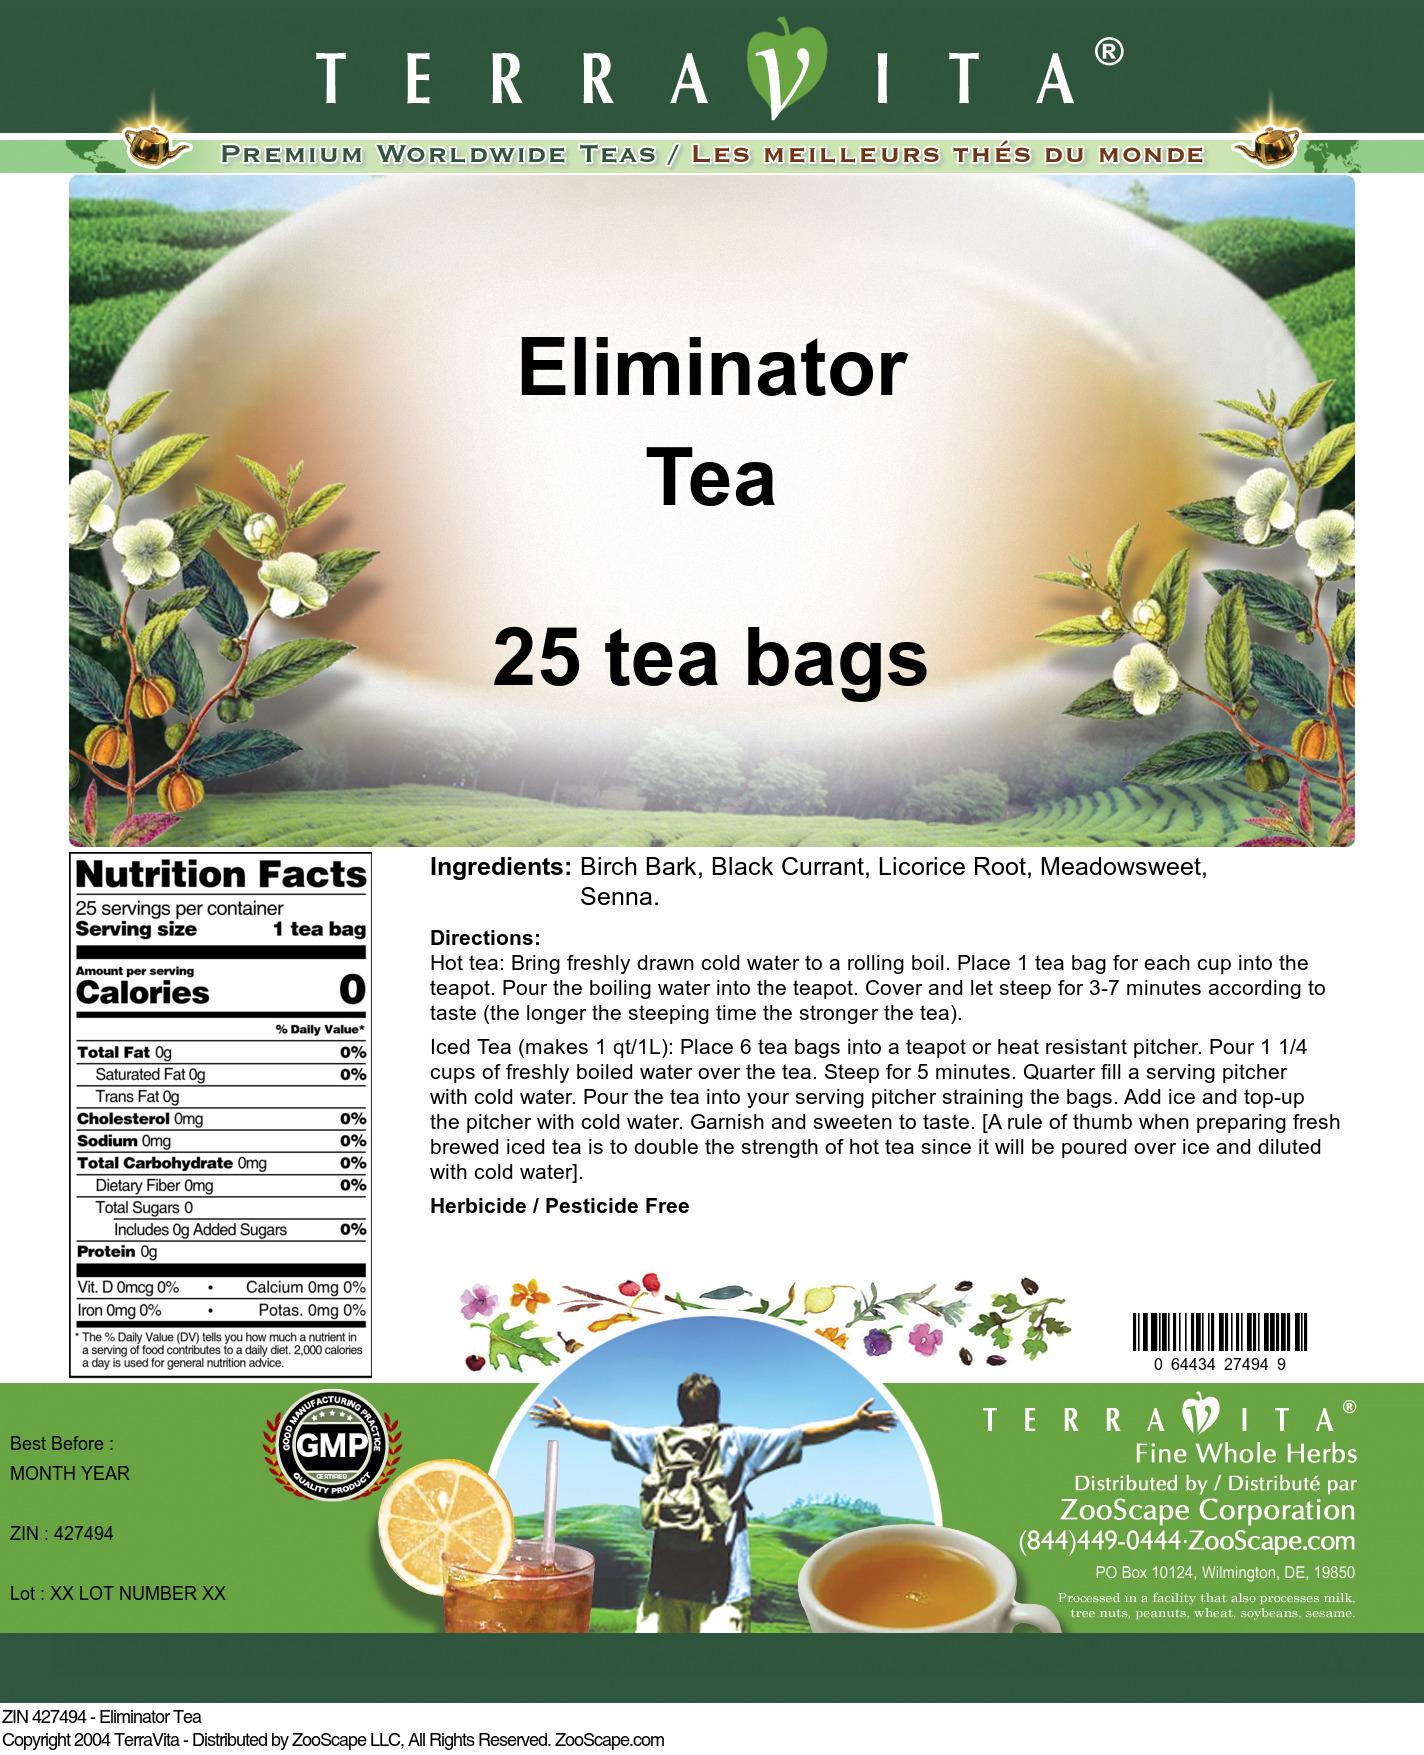 Eliminator Tea